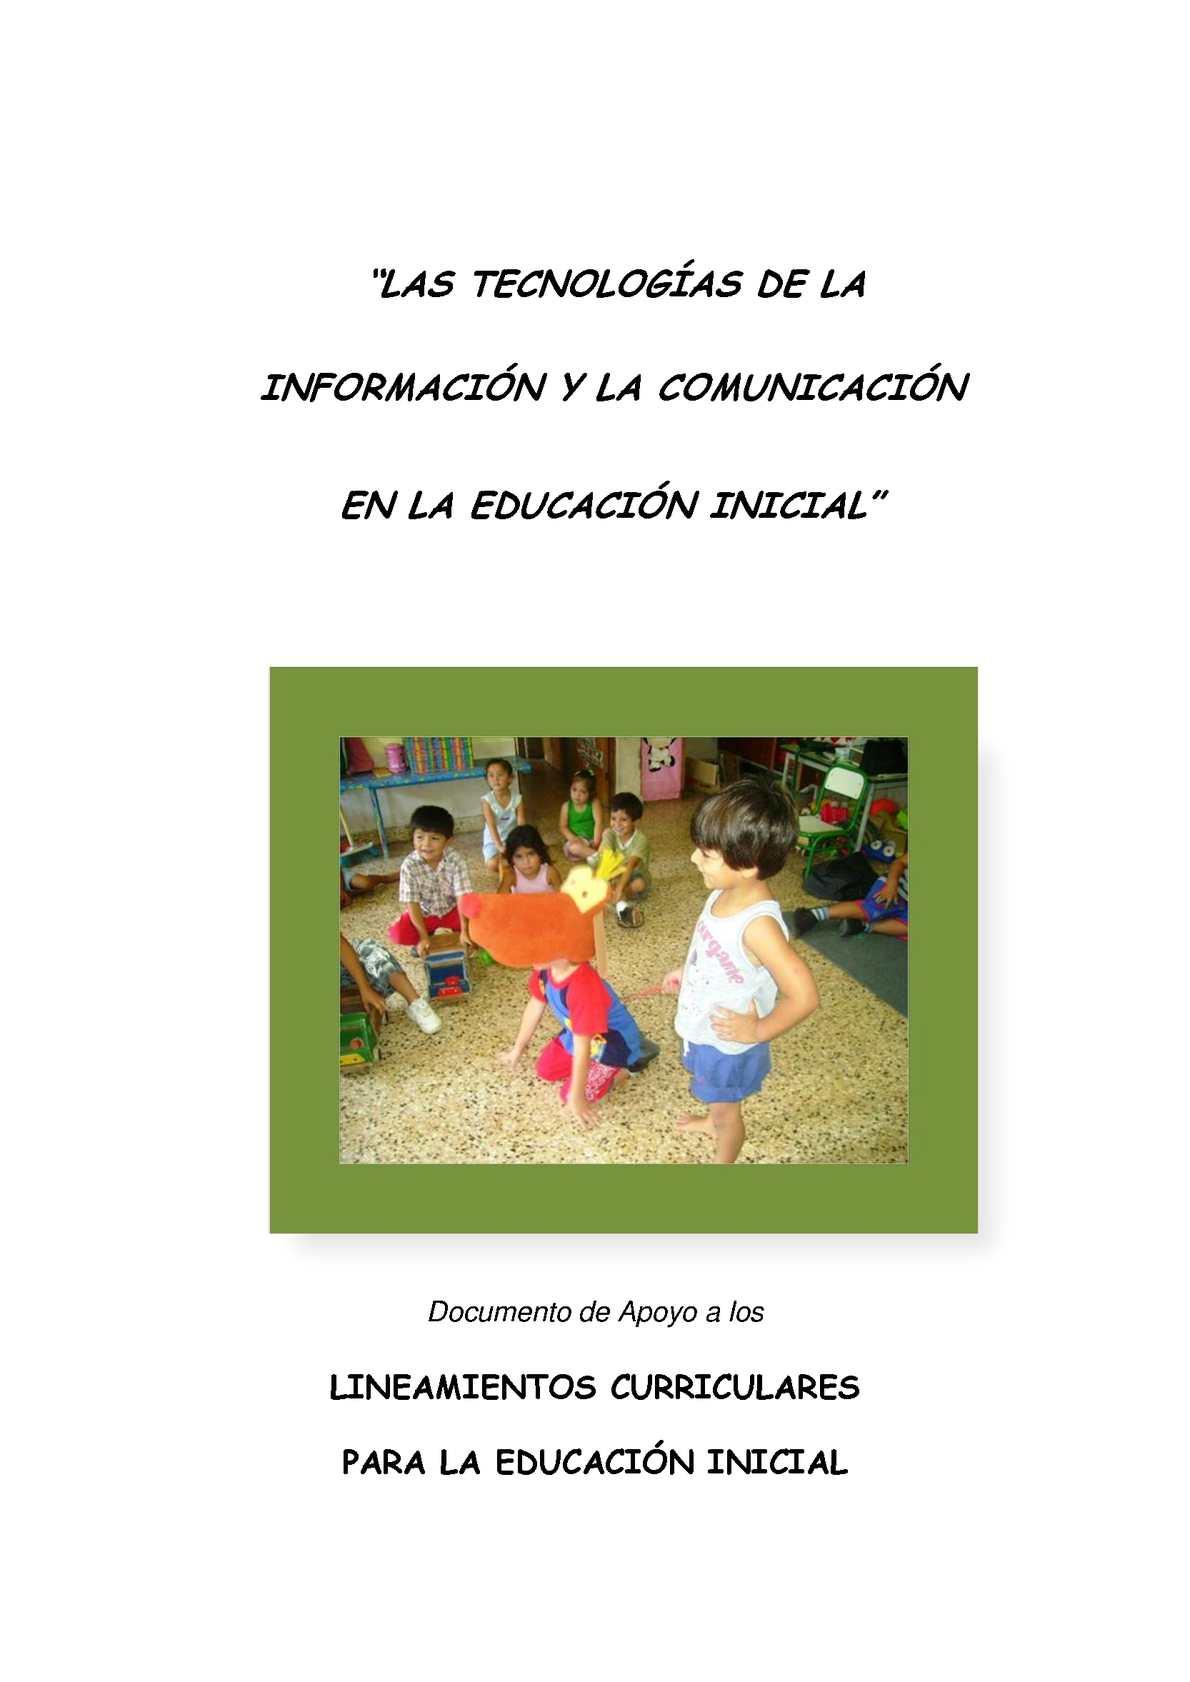 Calaméo - Aula virtual en la Educación Inicial